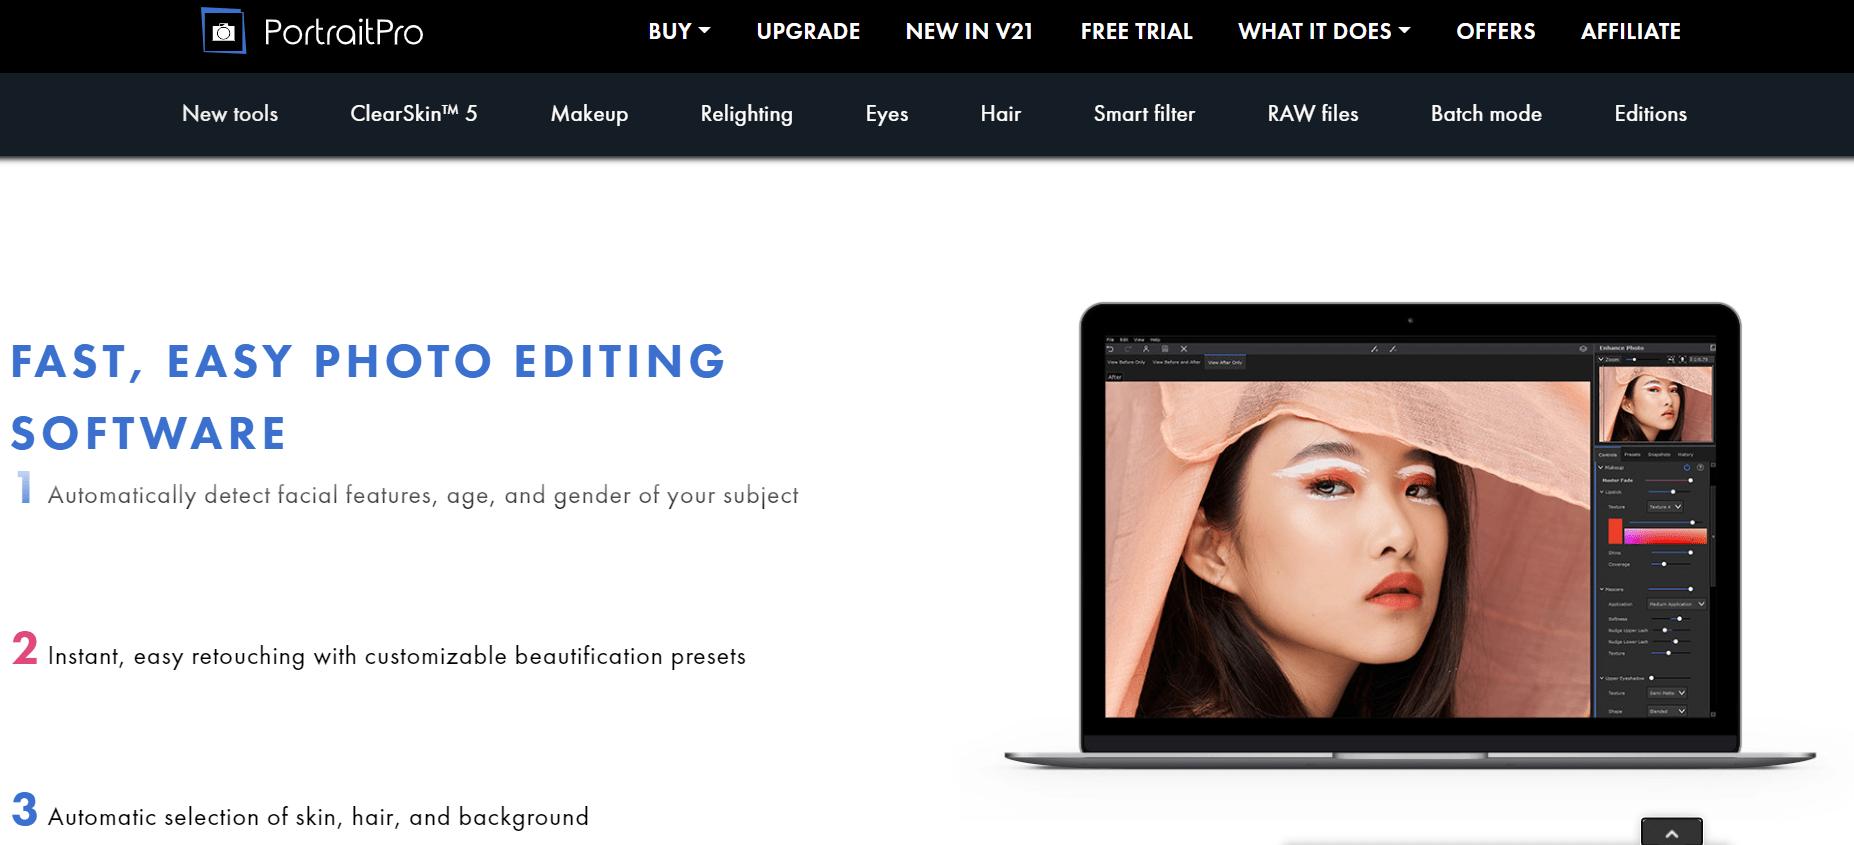 portraitpro features